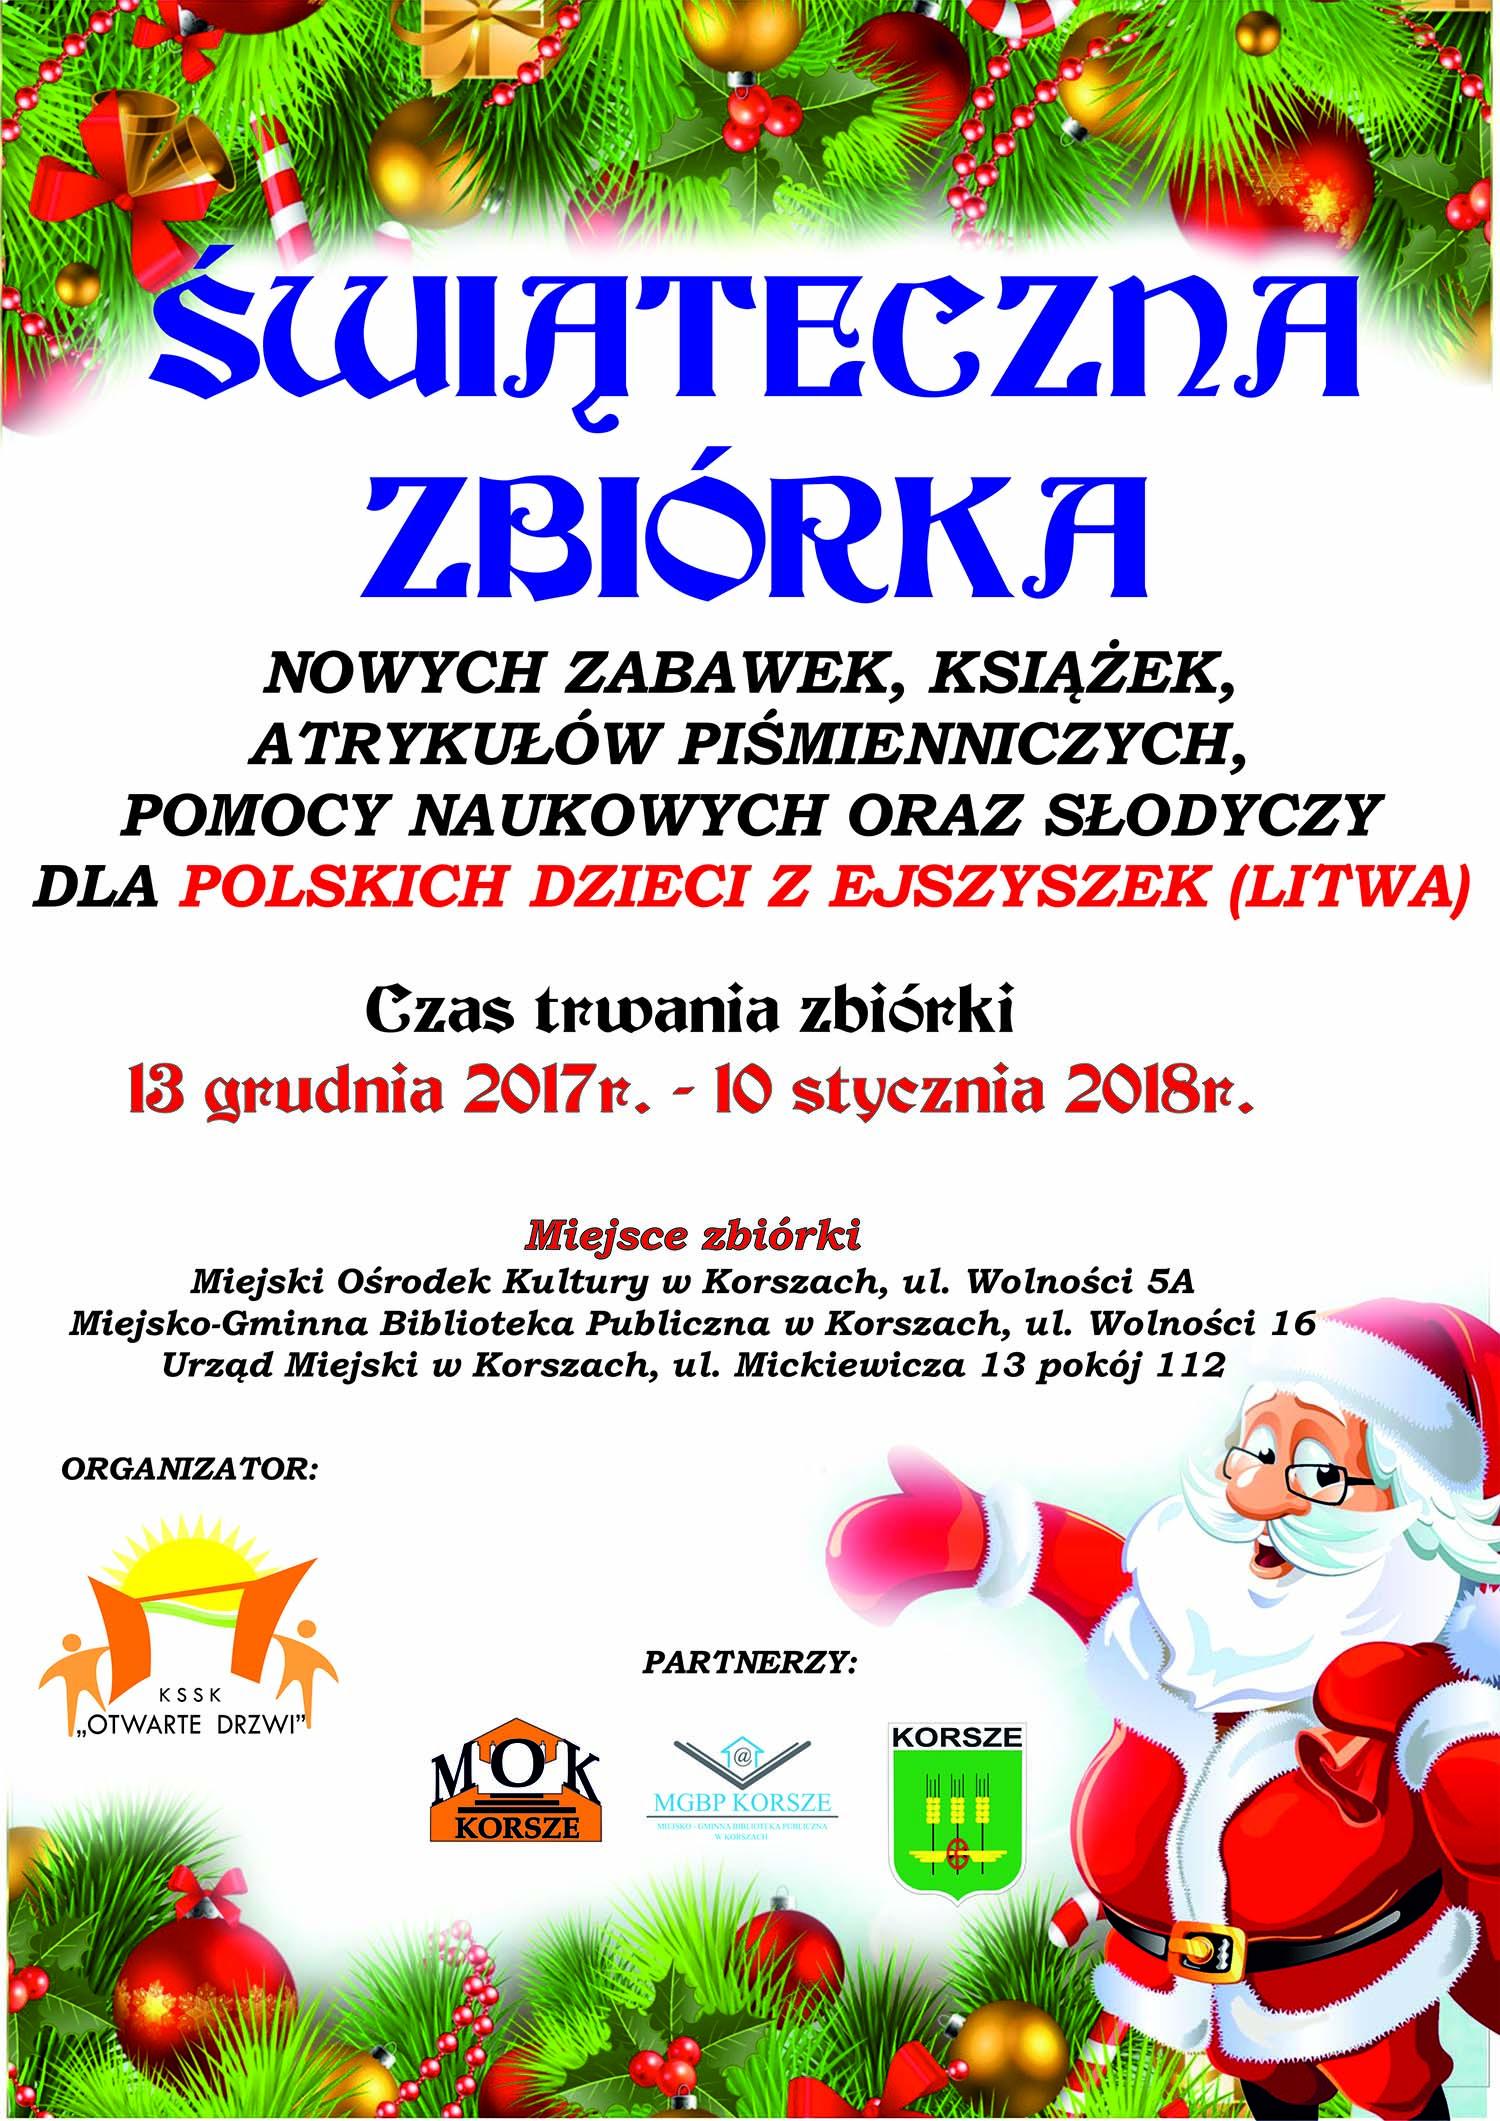 http://m.wm.pl/2017/12/orig/swiateczna-zbiorka-434647.jpg